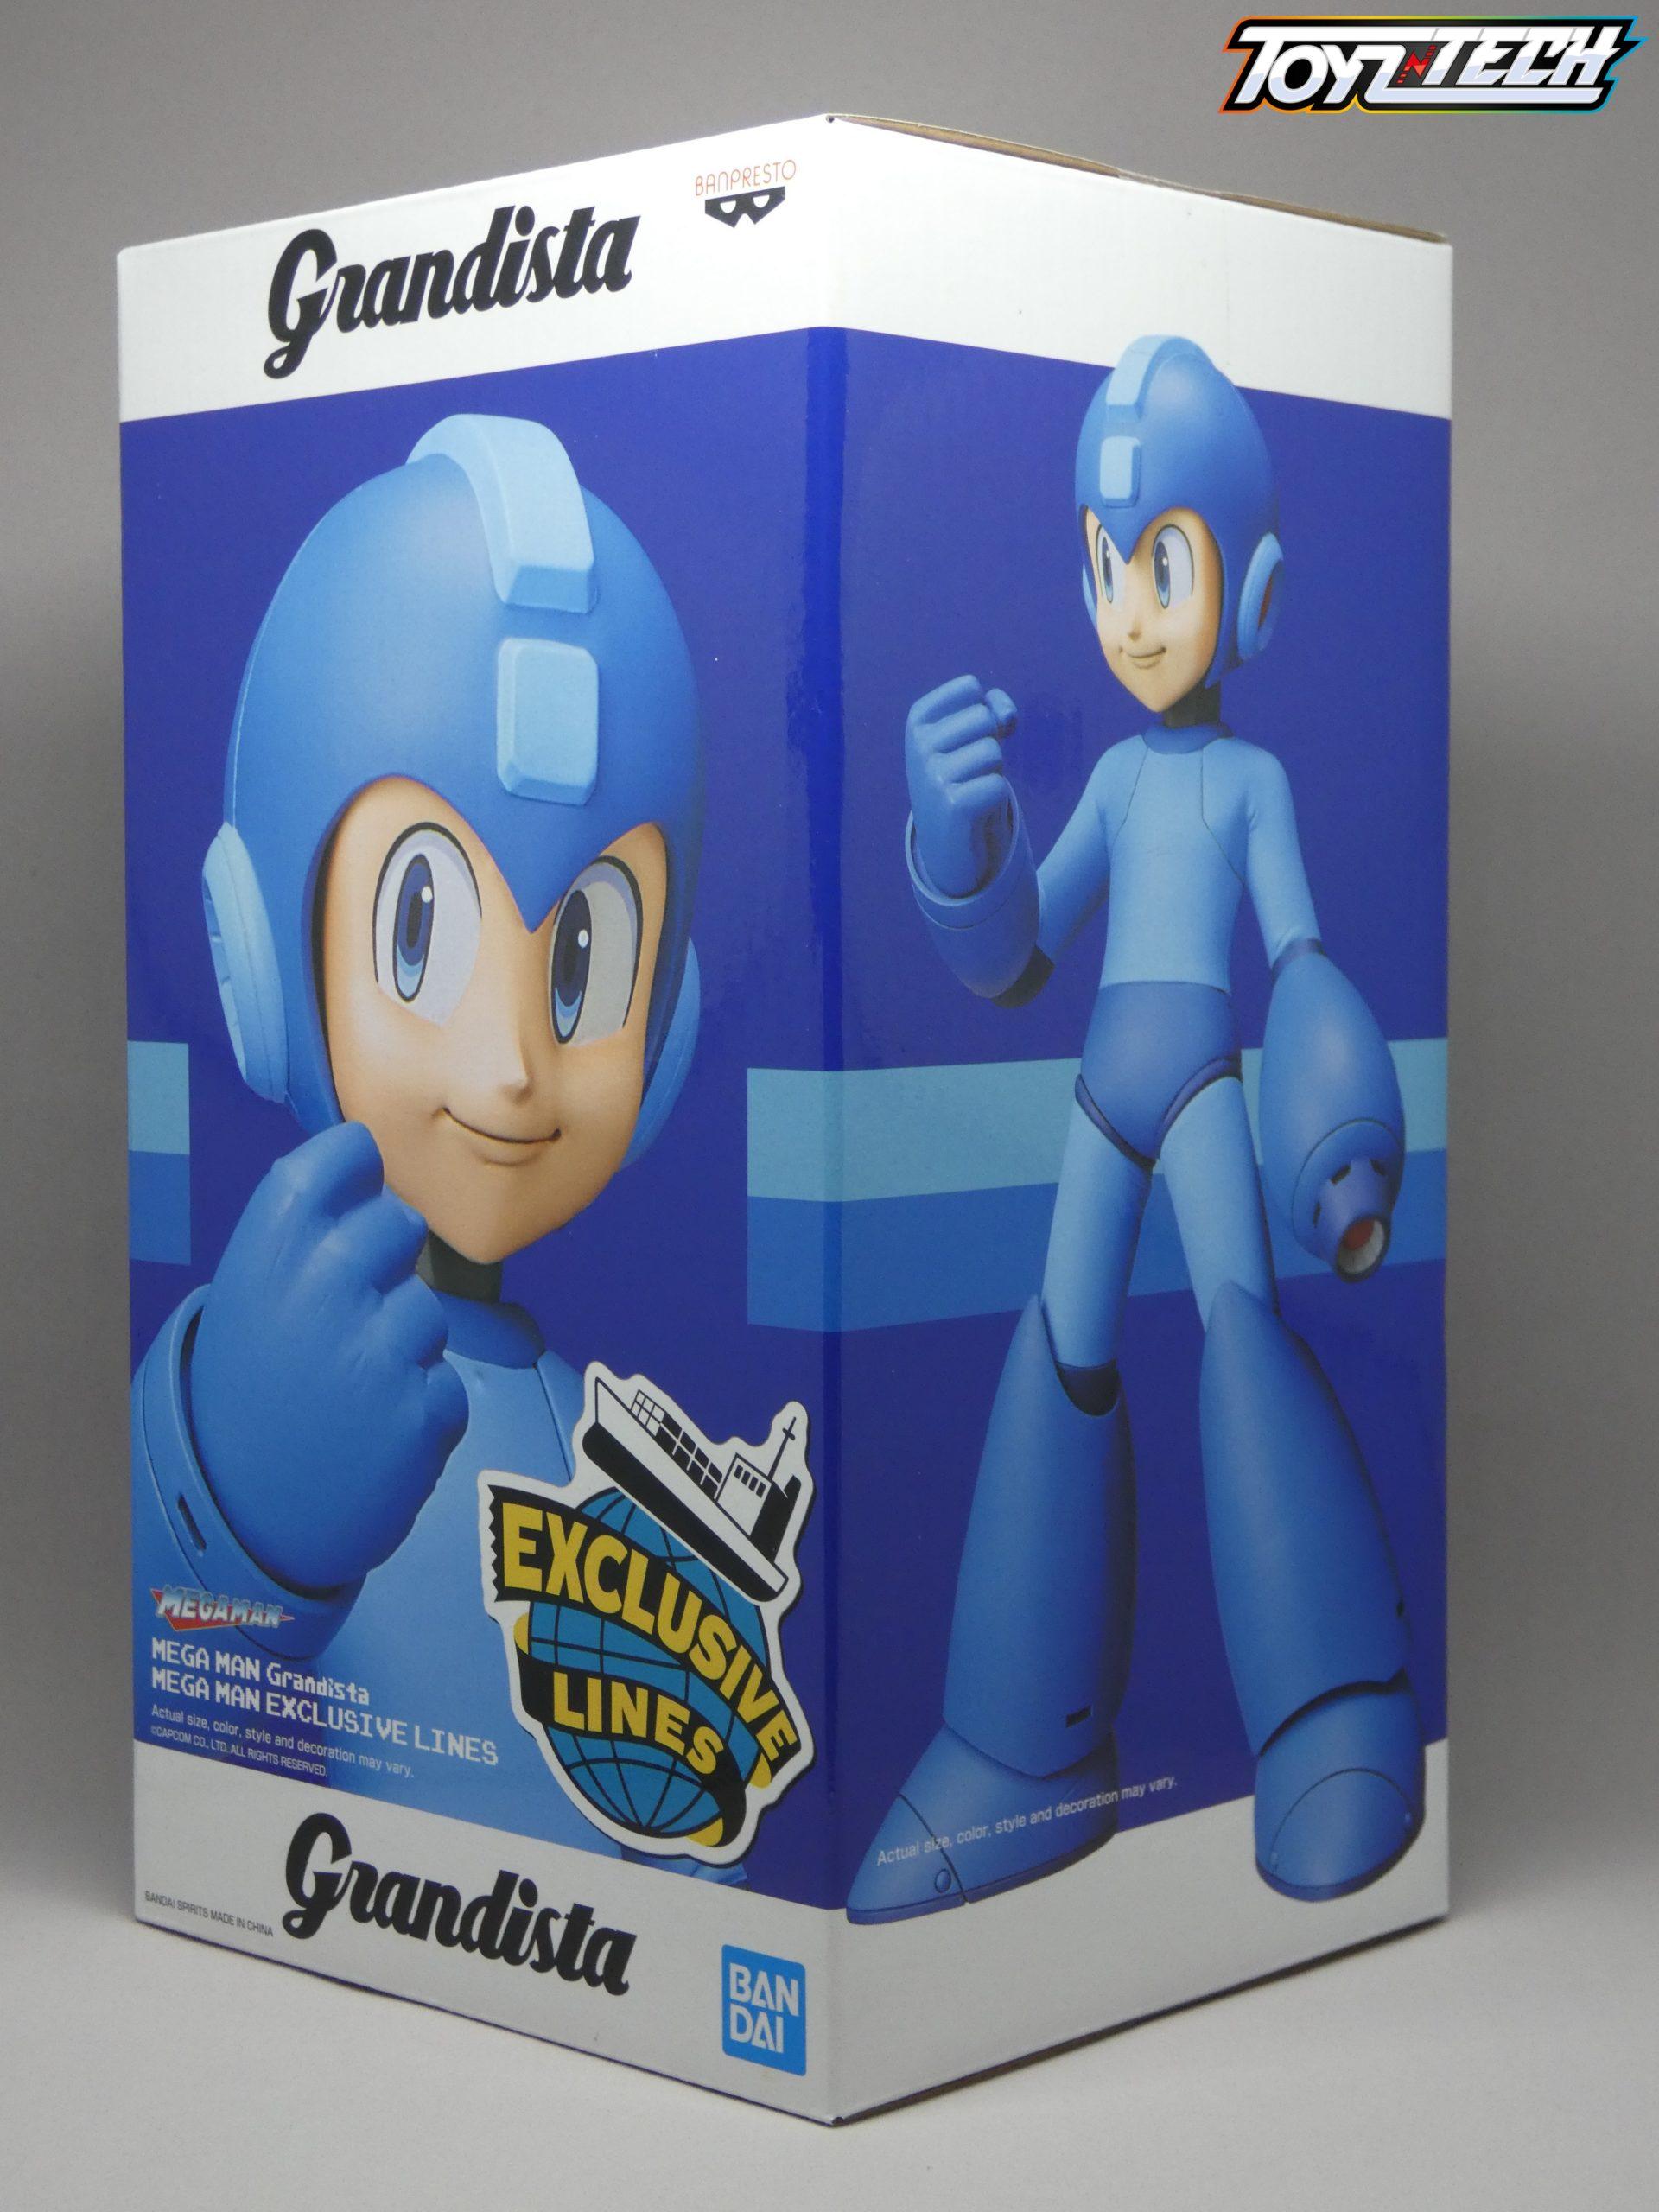 Grandista Exclusive Lines Capcom Banpresto Megaman